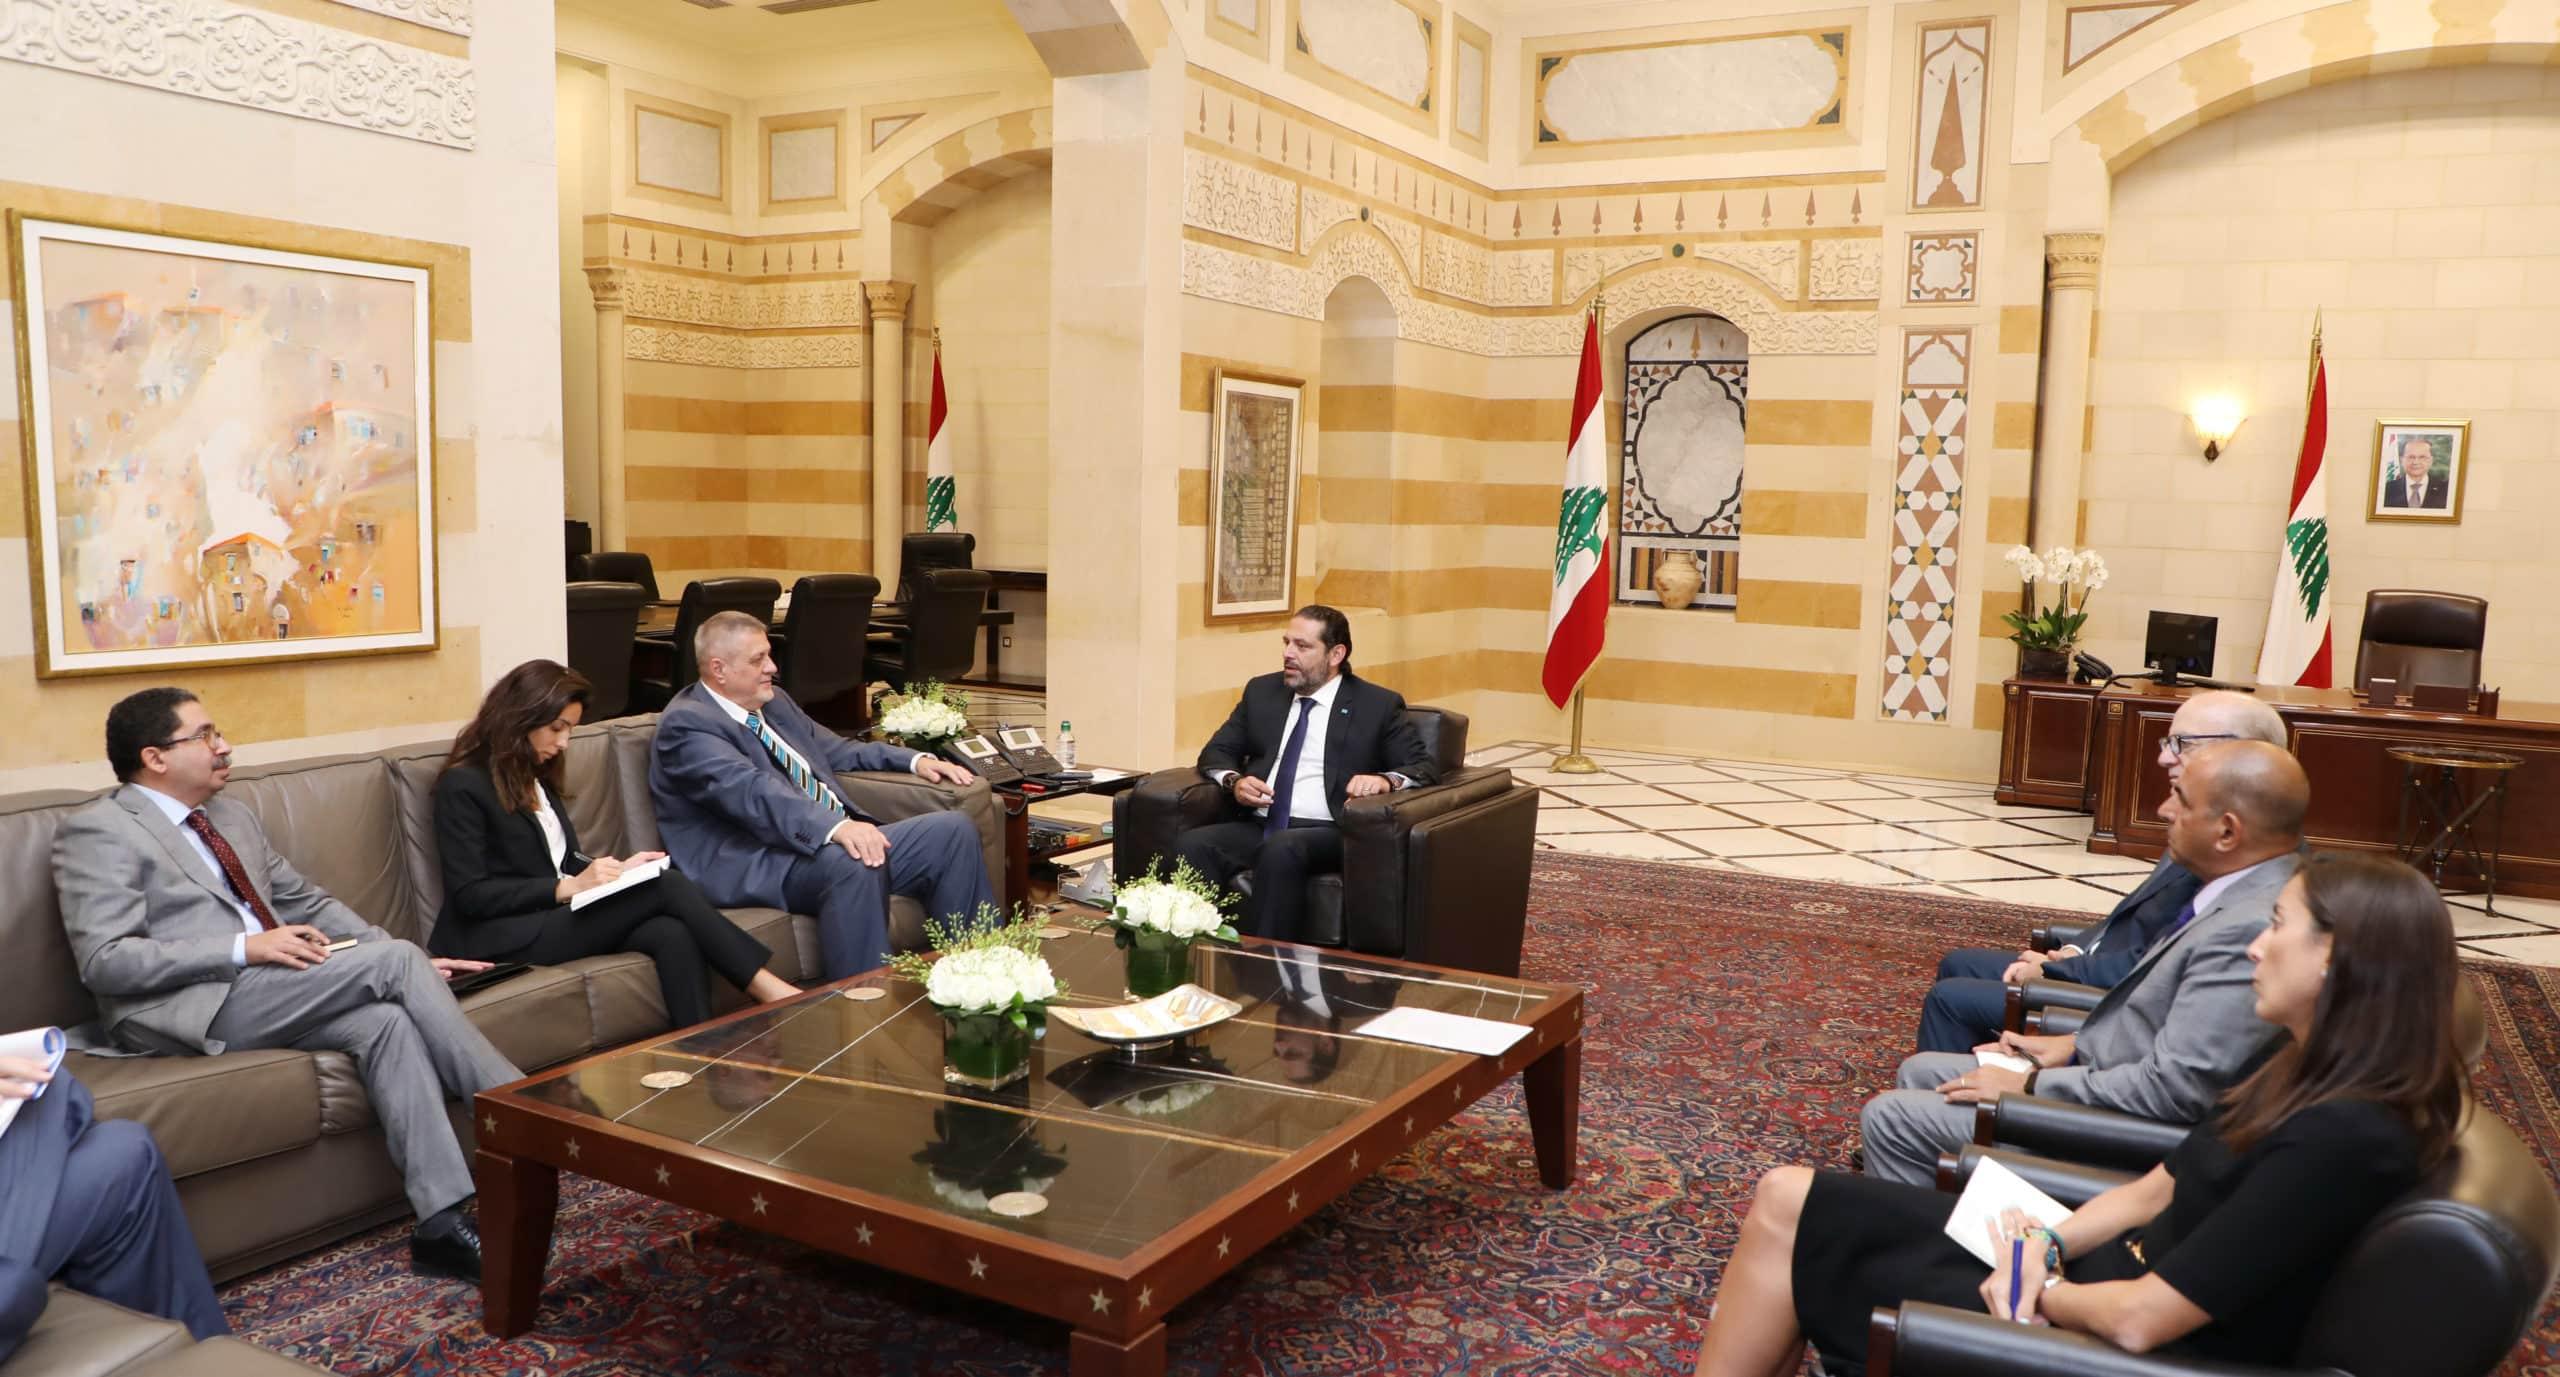 Le Premier Ministre Saad Hariri recevant les ambassadeurs des Pays membres permanents du Cosneil de Sécurité de l'ONU. Crédit Photo: Dalati & Nohra